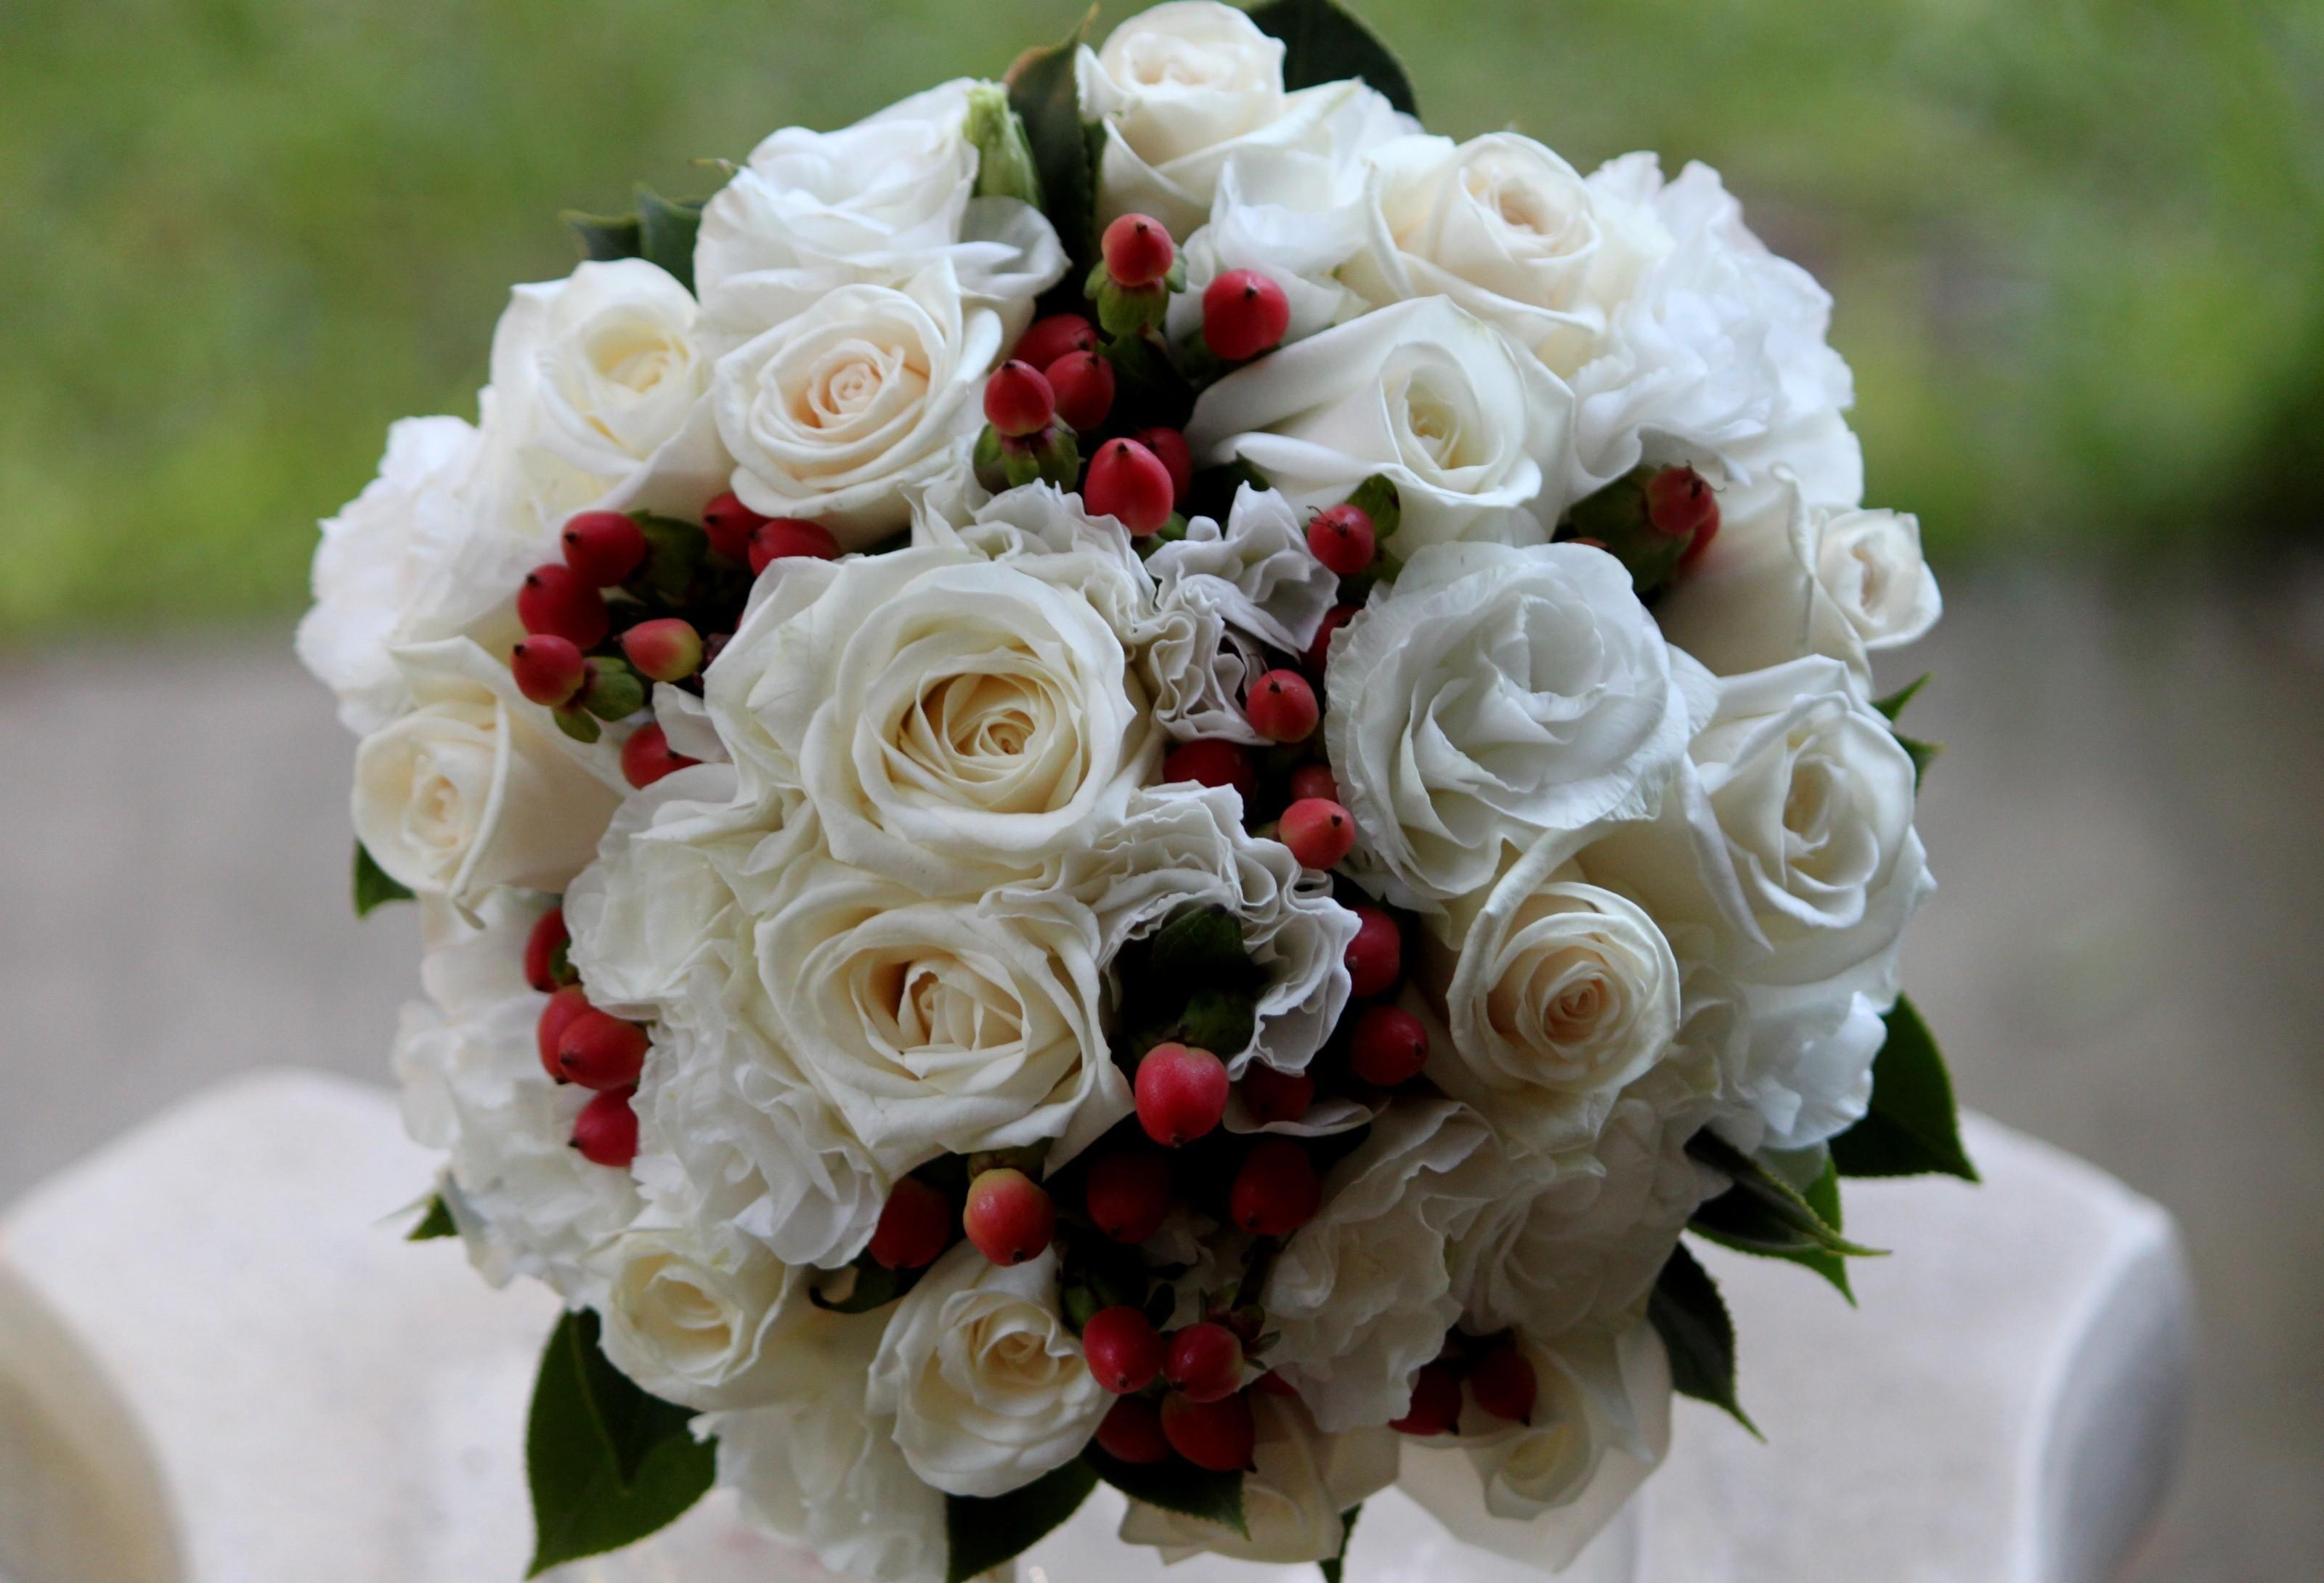 108904 Заставки и Обои Розы на телефон. Скачать Оформление, Цветы, Розы, Ягоды, Букет, Красиво картинки бесплатно